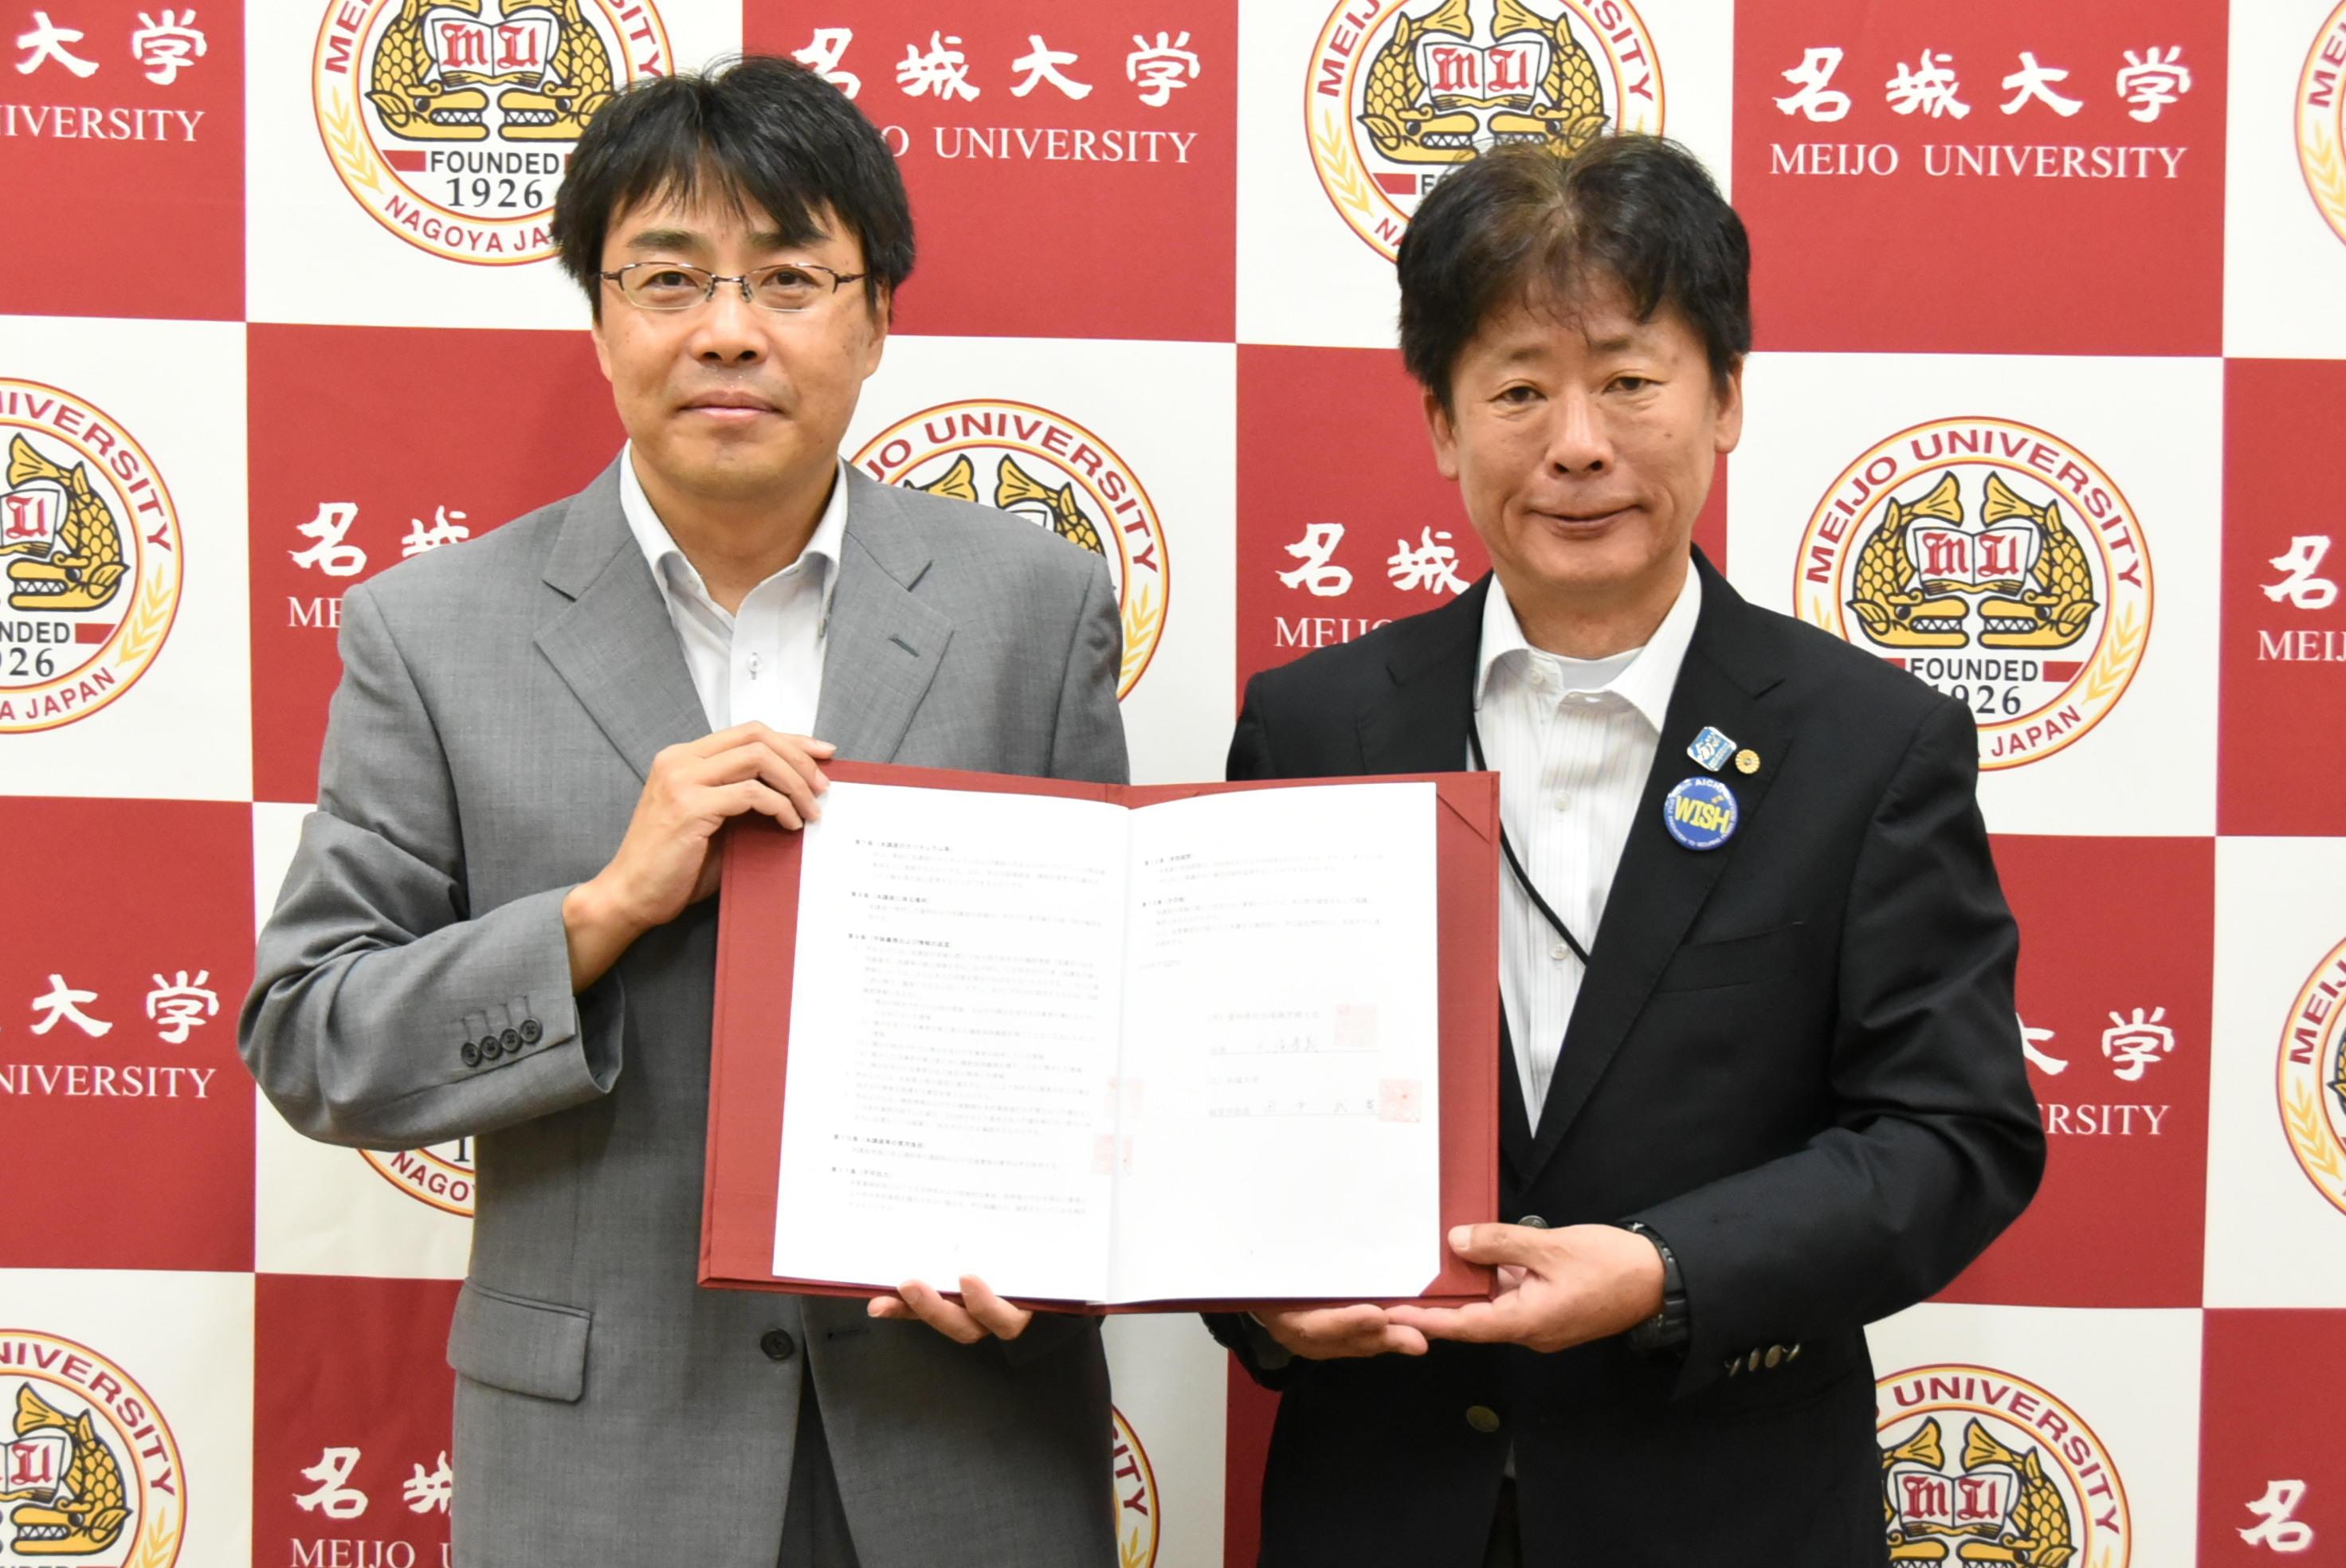 覚書を交わす田中経営学部長(左)と大滝愛知県社会保険労務士会会長